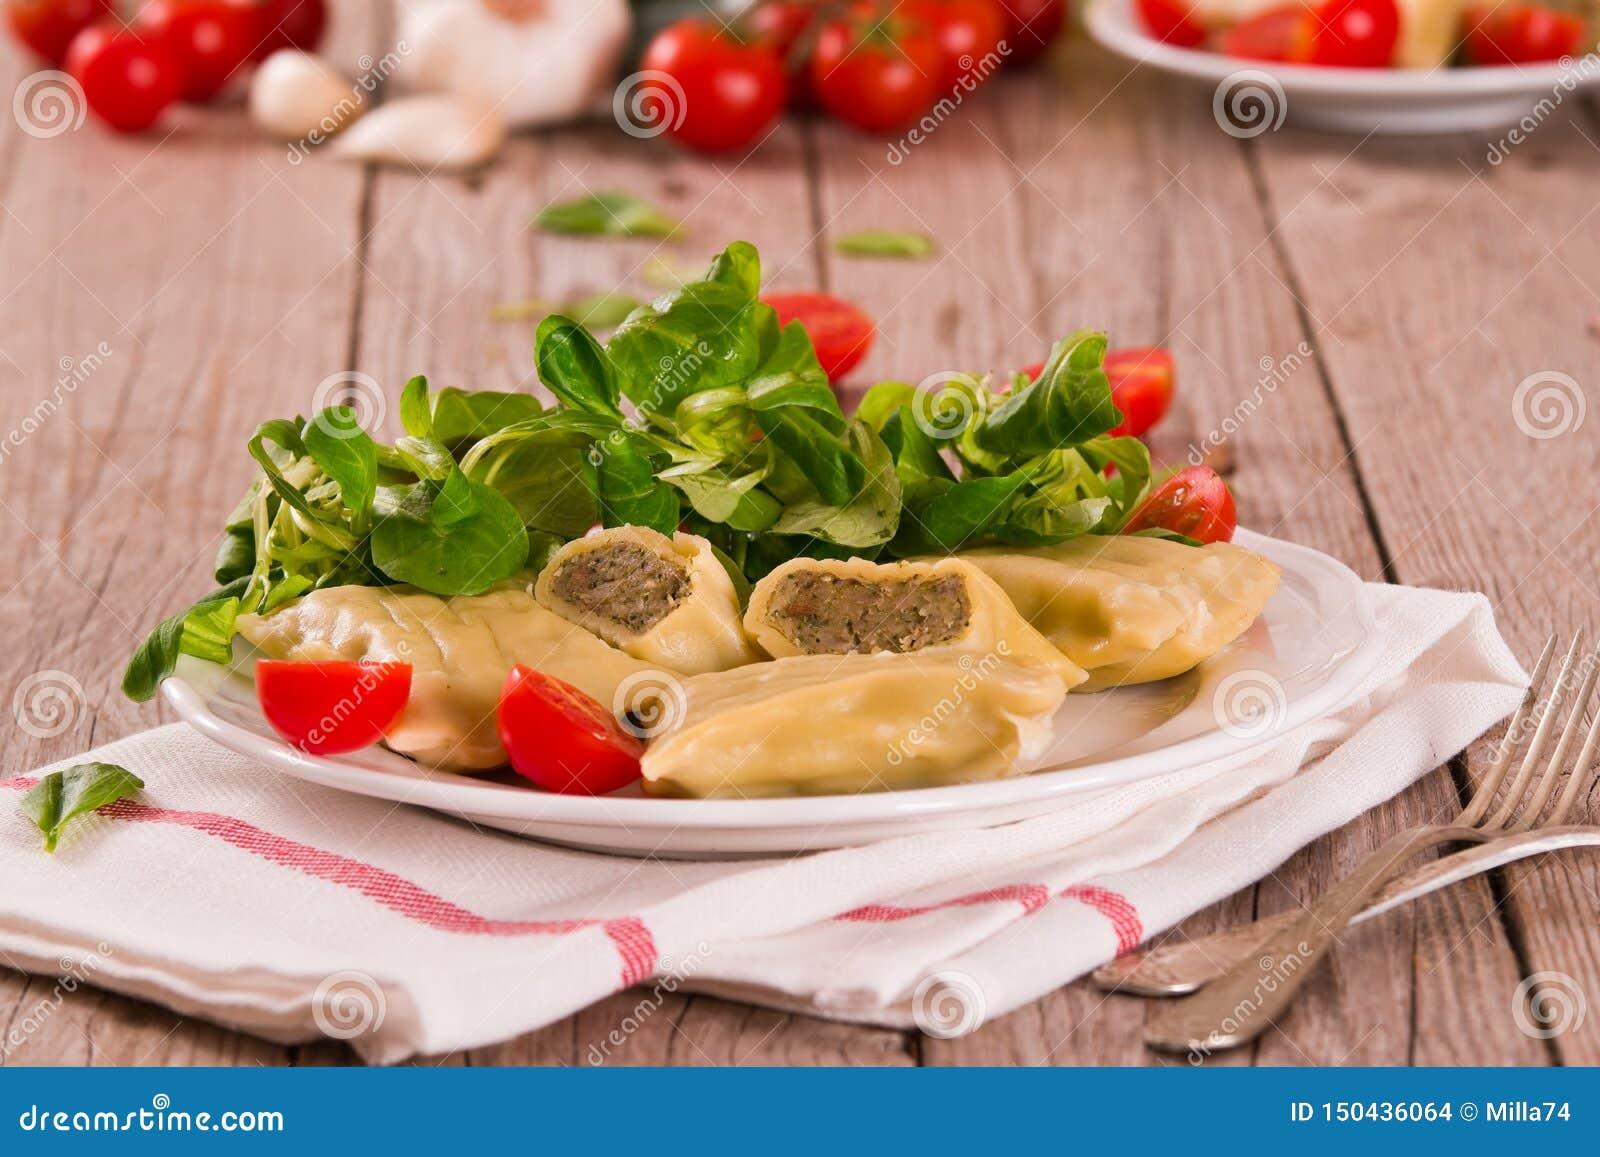 Maultaschen - swabian filled pasta  ravioli .